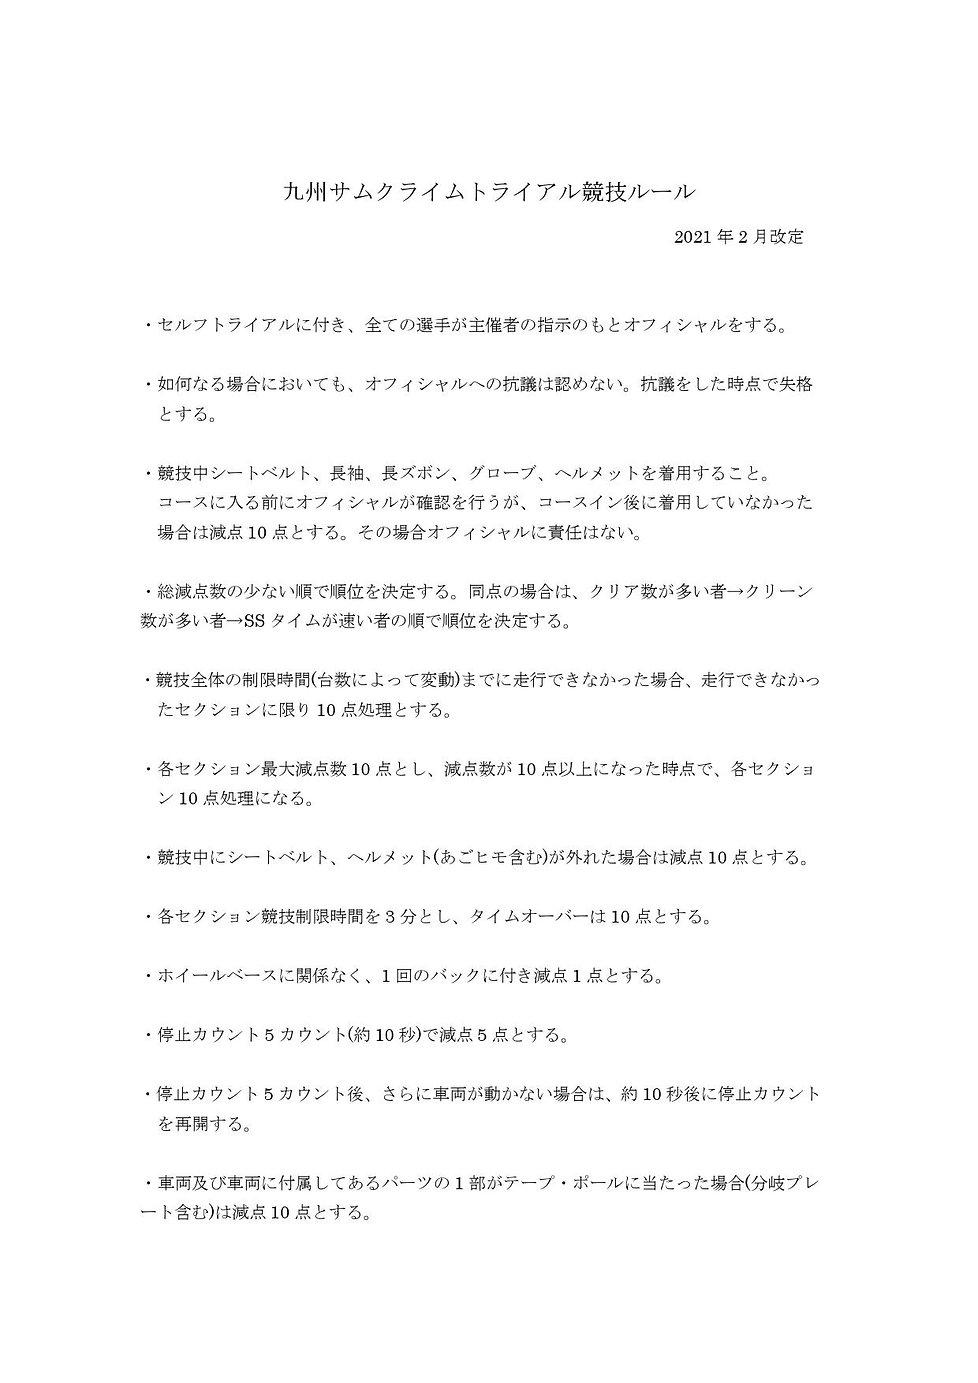 九州サムクライムトライアル競技ルール_000001.jpg